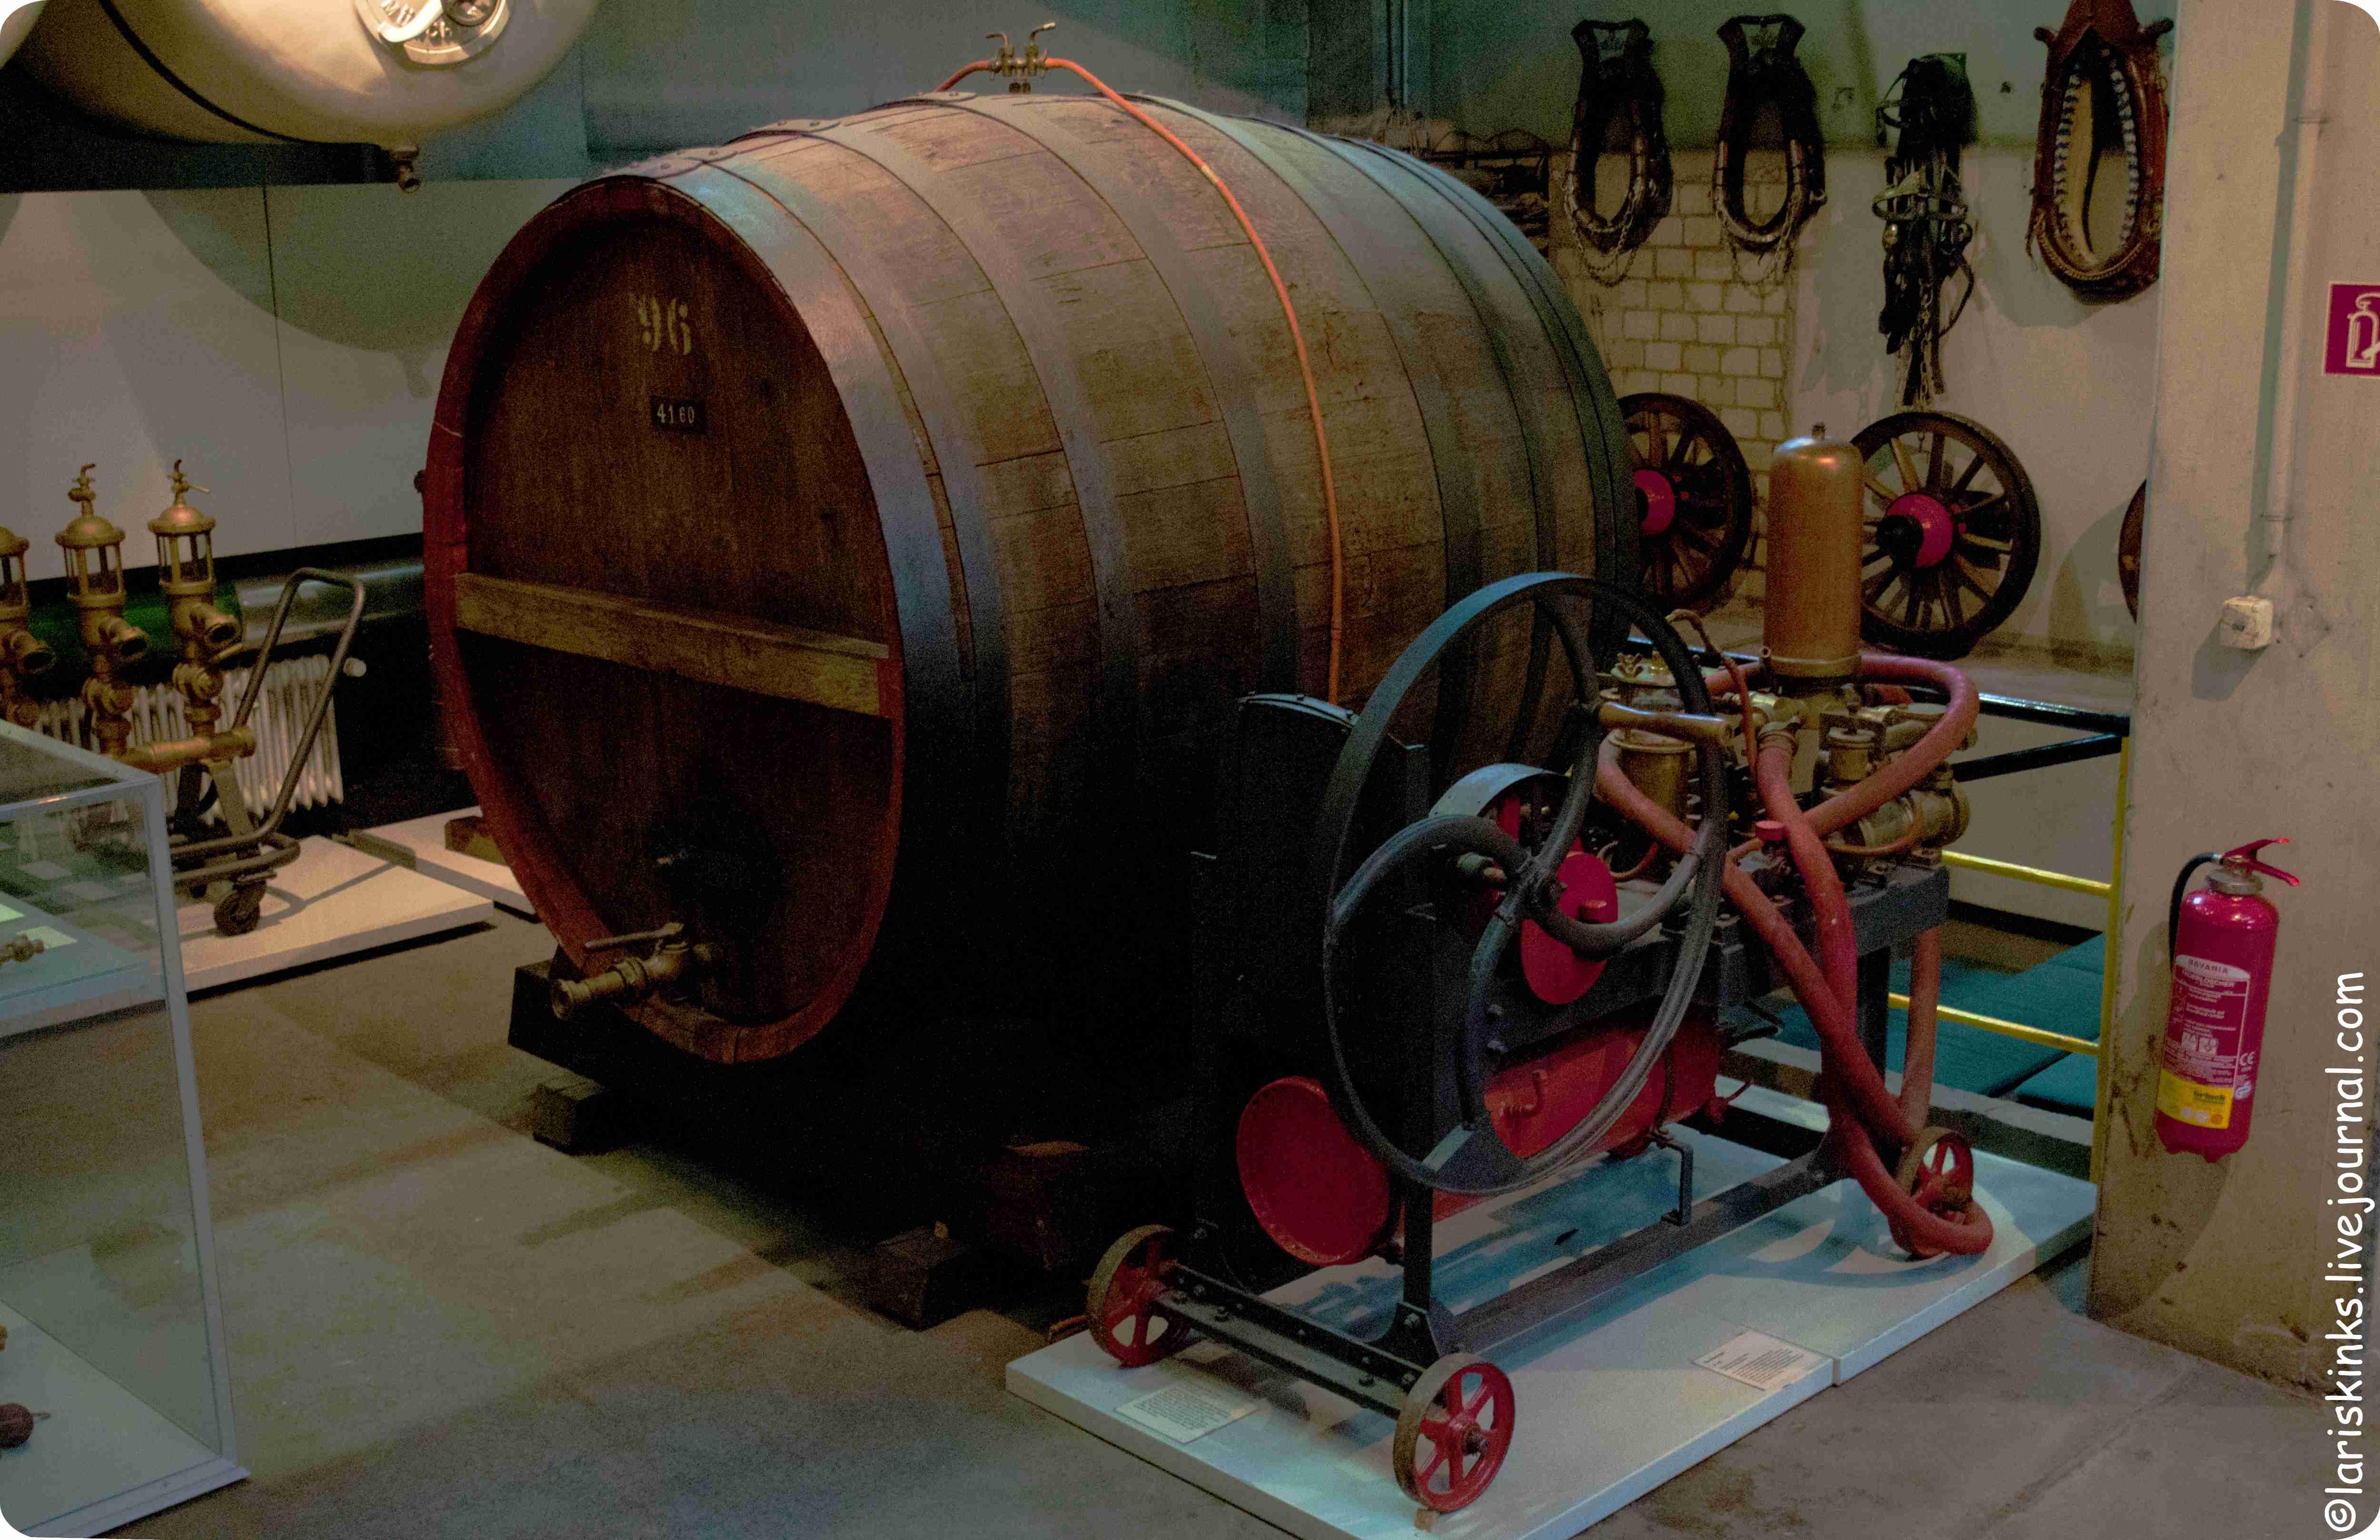 Элементы производства пива в Музее Пива (Дортмунд, Германия) 03